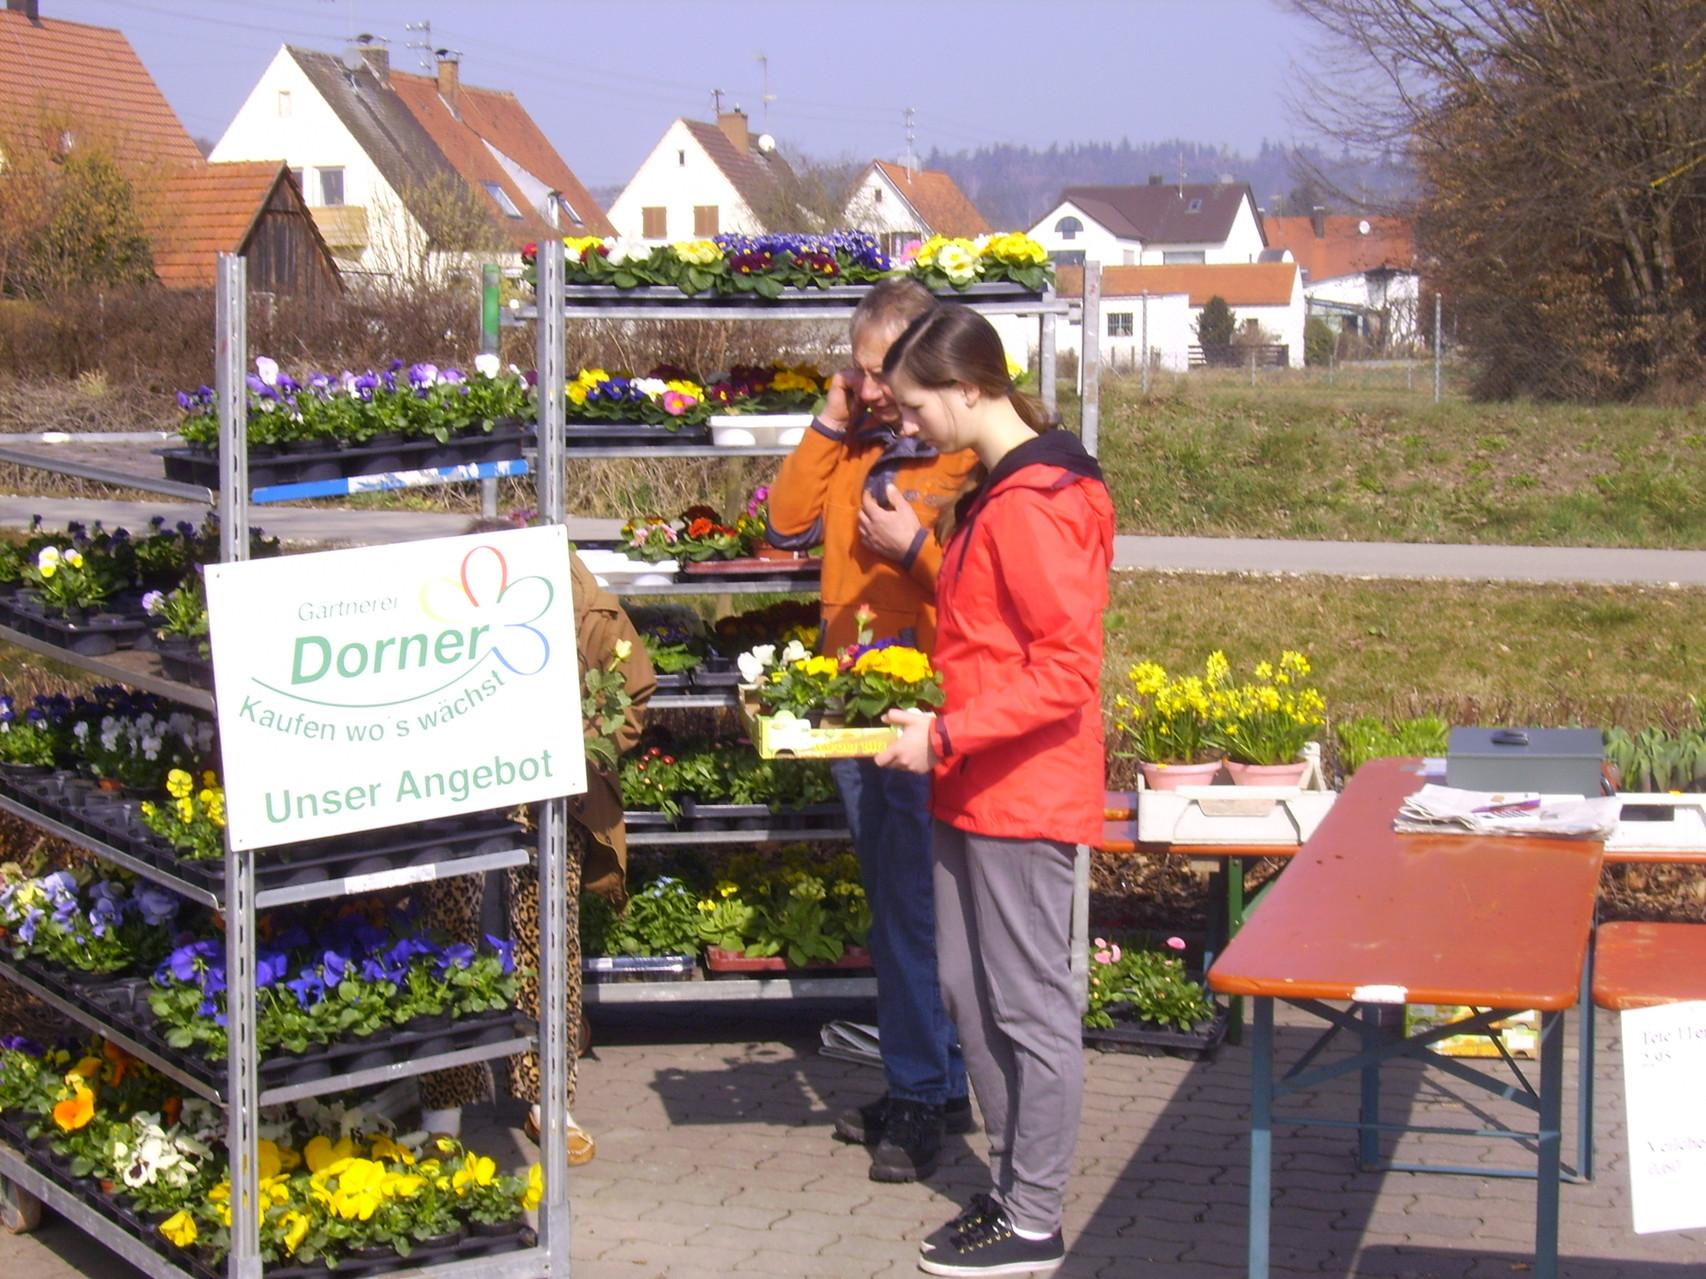 Unser Blumenmann - Manfred (Baude) verkauft für die Gärtnerei Dorner / die Einnahmen gehen an den neuen Gartenbauverein!